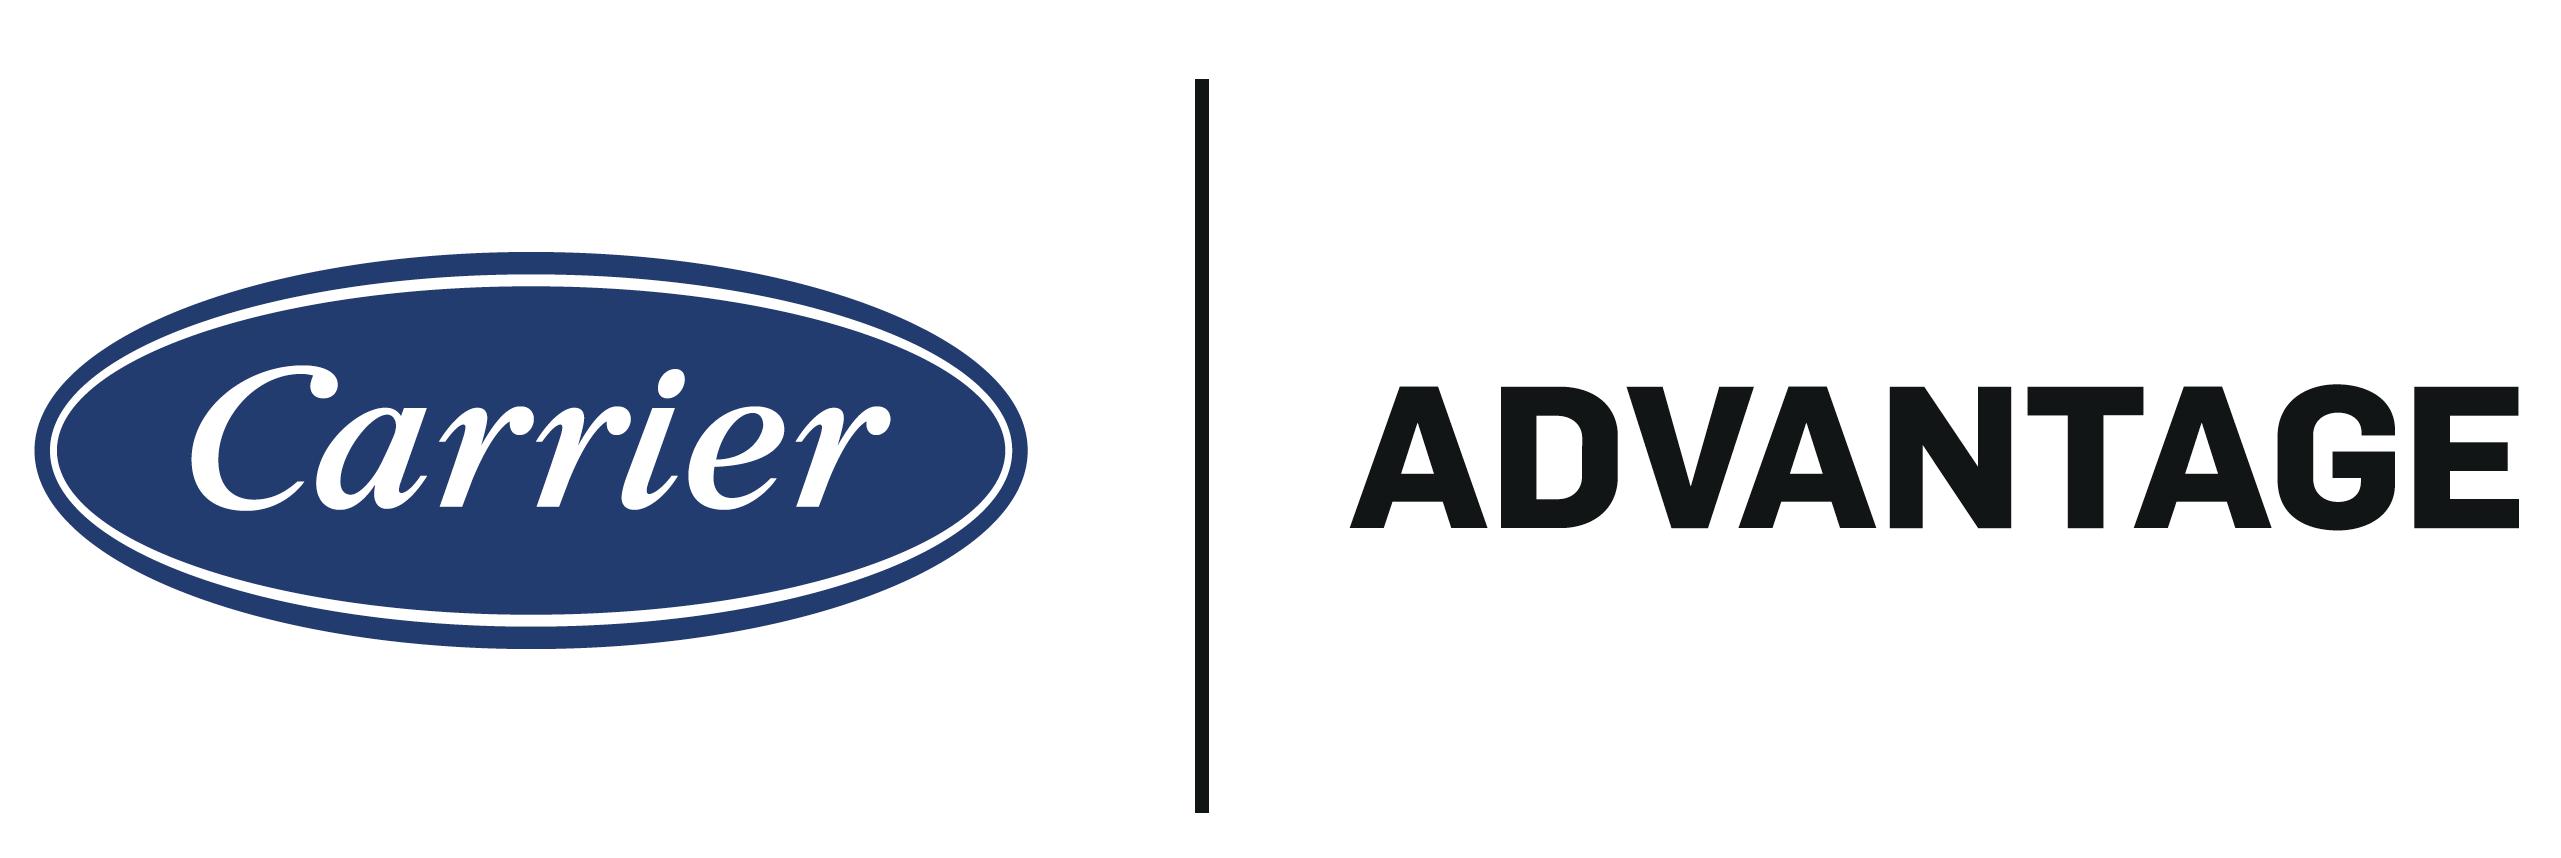 carrier-advantage-logo